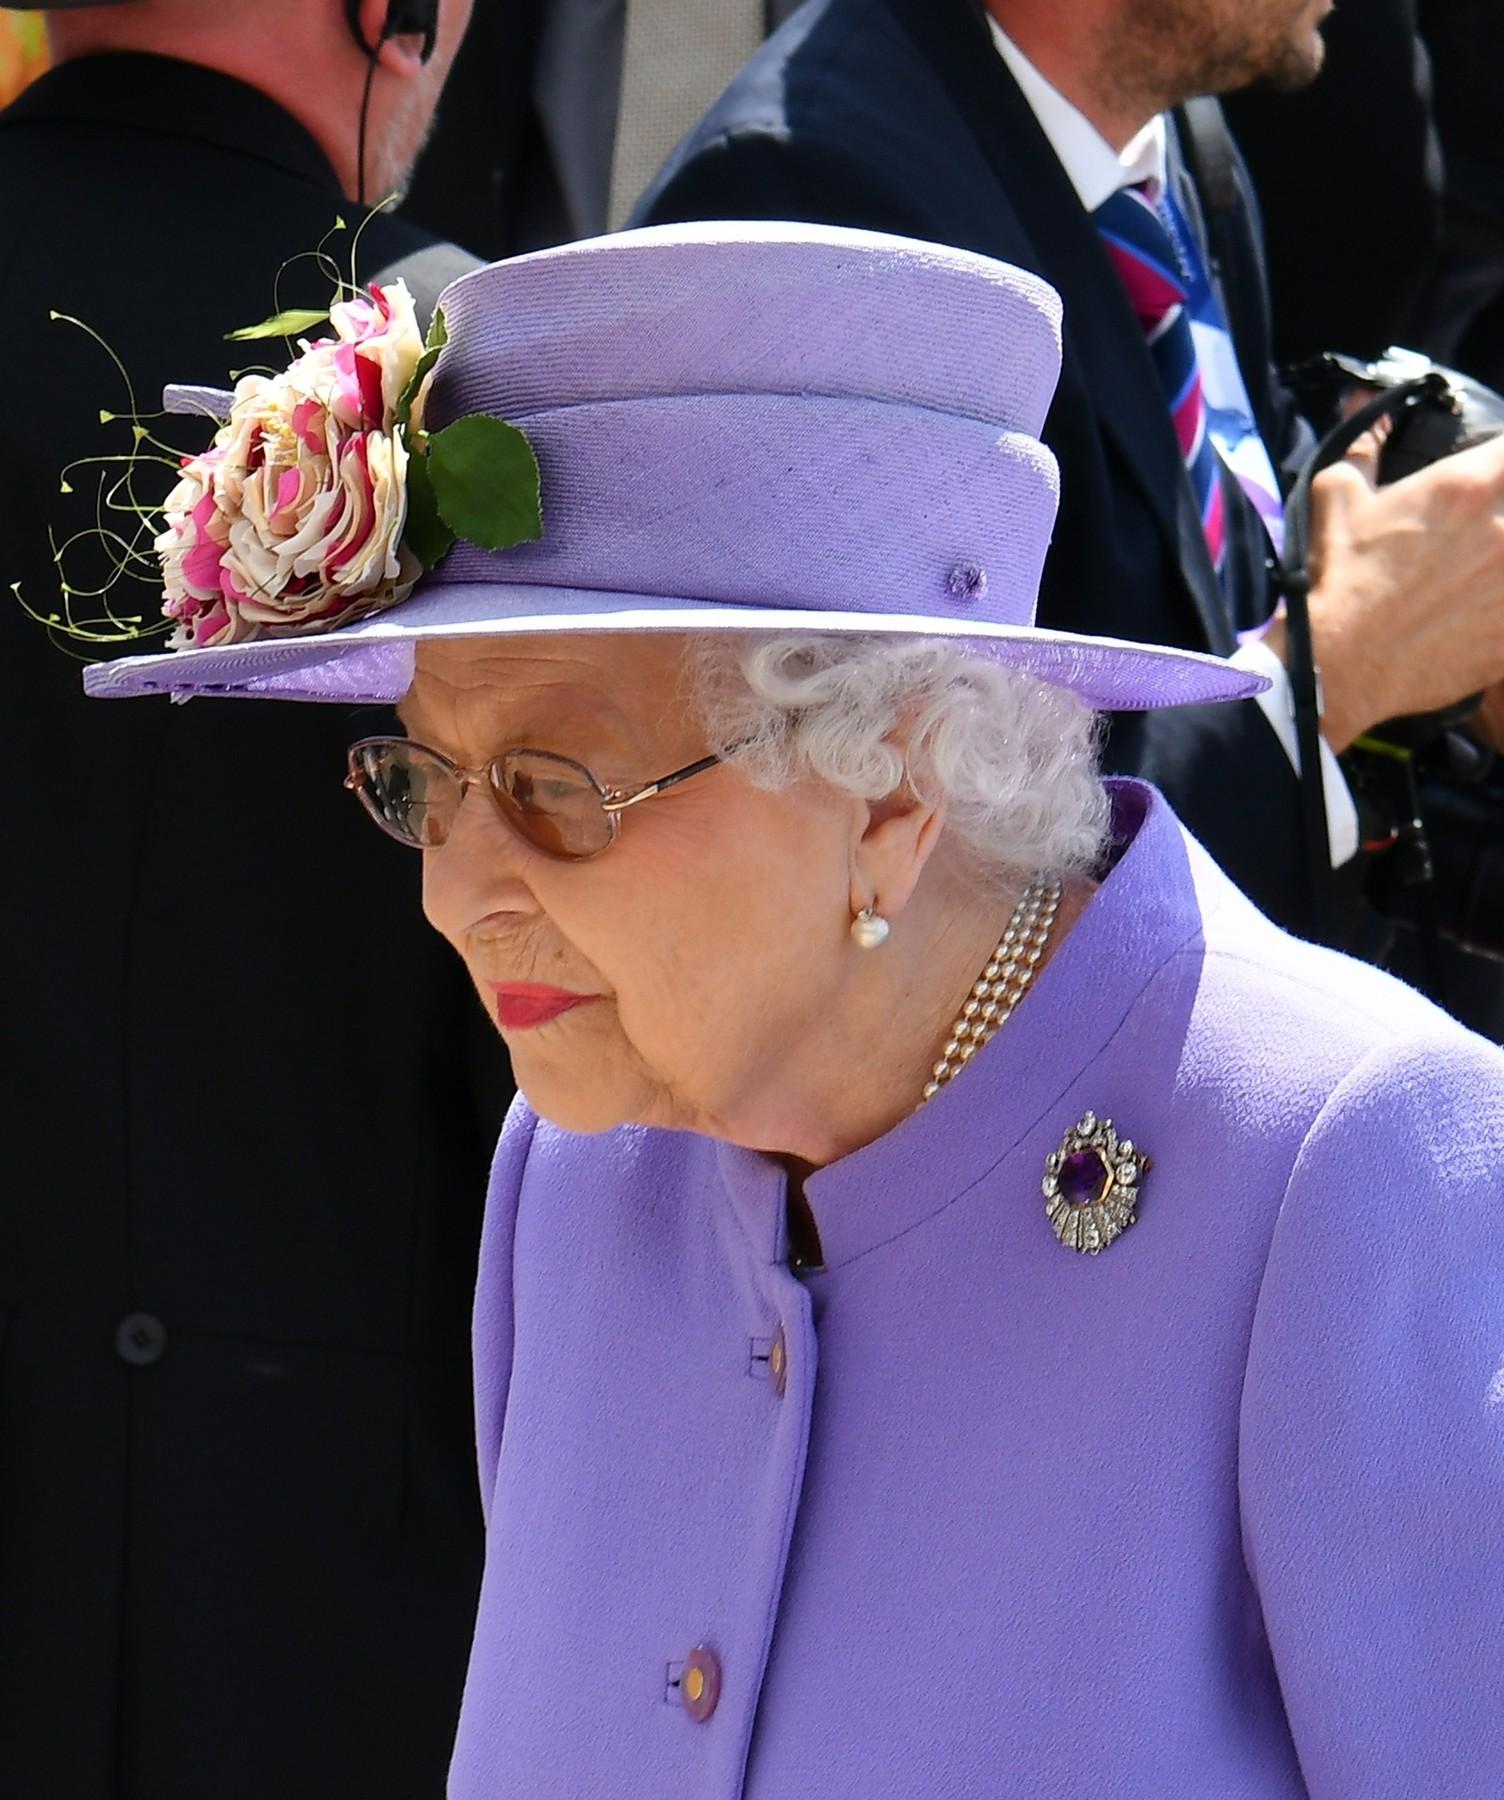 BGUK_1251062 - Epsom, UNITED KINGDOM  - HRH Queen Elizabeth II pictured attending the Investec 2018 Derby Festival at Epsom Downs.  Pictured: Queen Elizabeth II  BACKGRID UK 2 JUNE 2018,Image: 373639497, License: Rights-managed, Restrictions: , Model Release: no, Credit line: ANCL / Backgrid UK / Profimedia